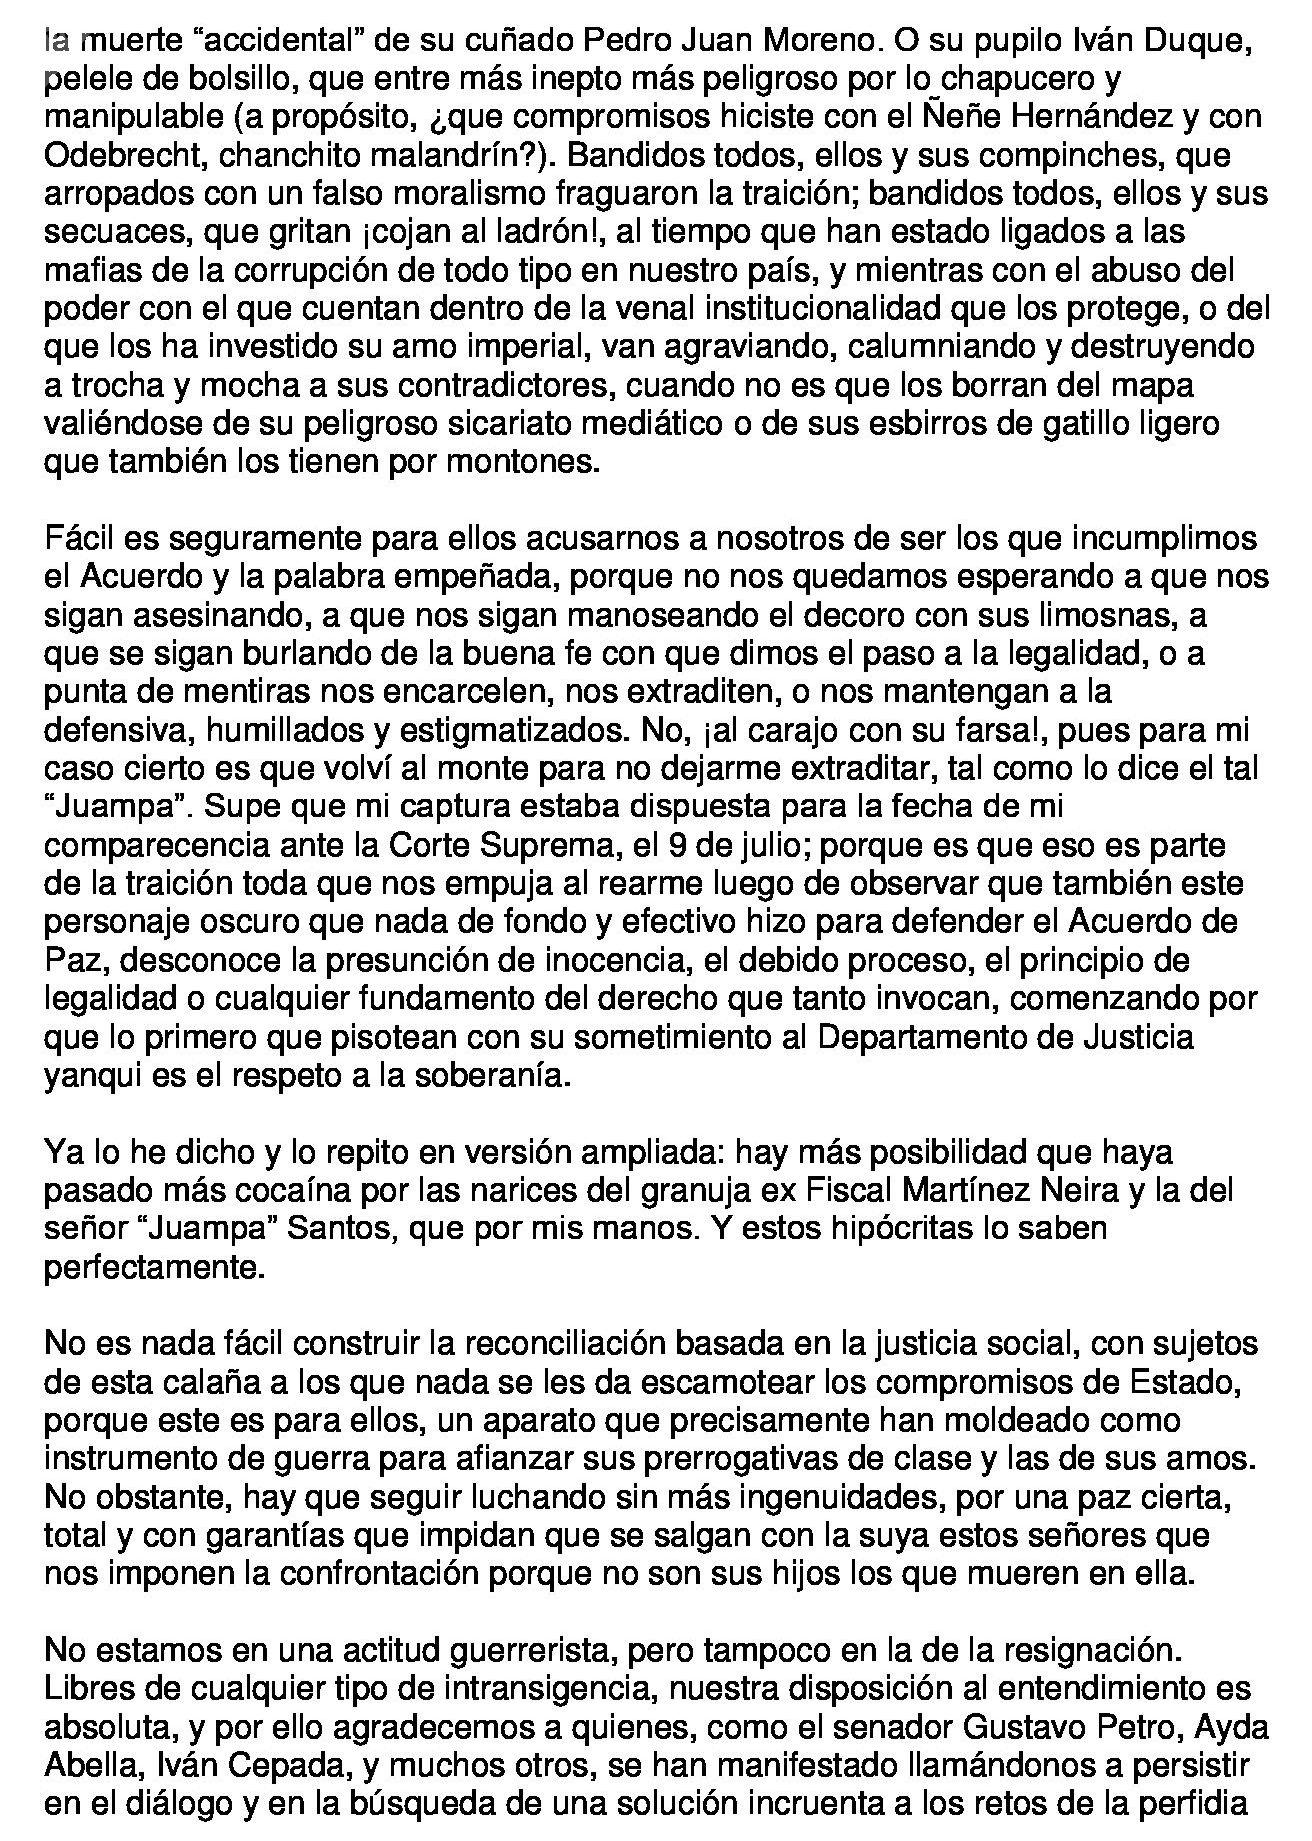 Carta de Jesús Santrich